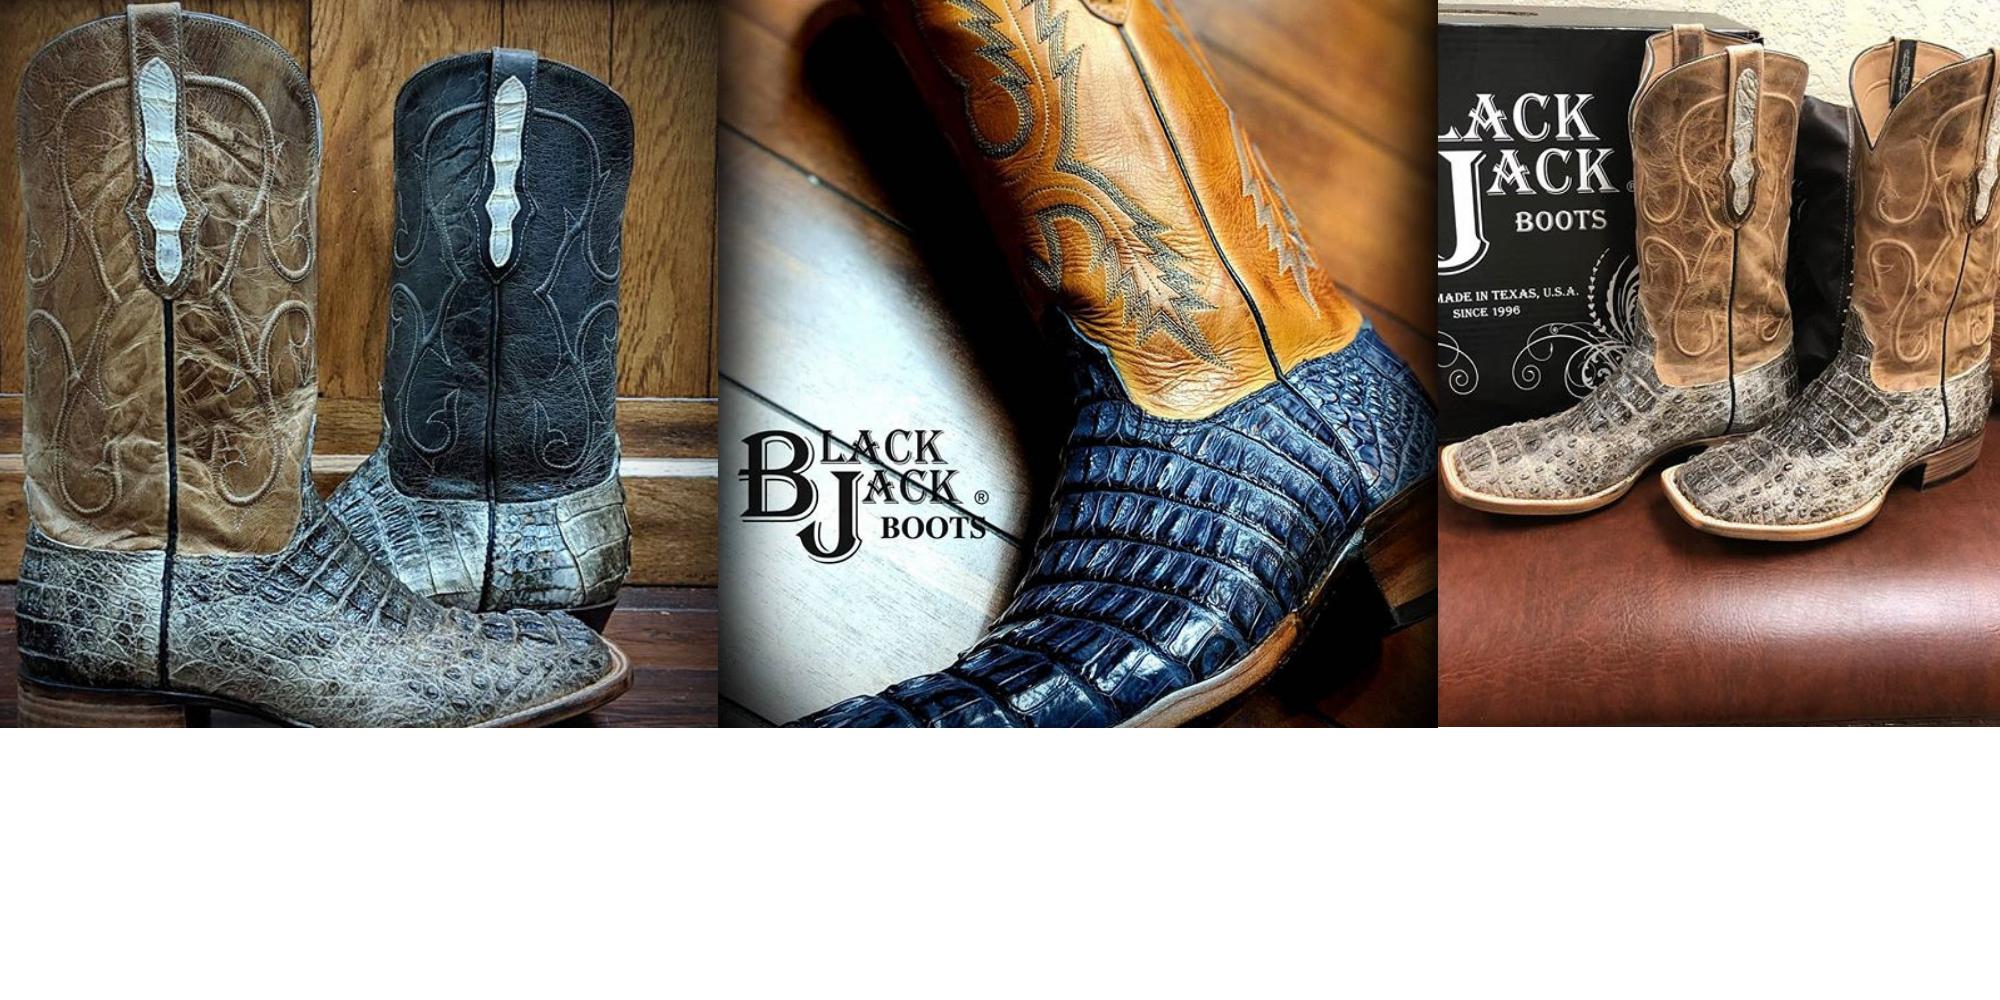 3ab71c2a7e1 Men - Men's Footwear - Boots - Build your own Black Jack Boot ...